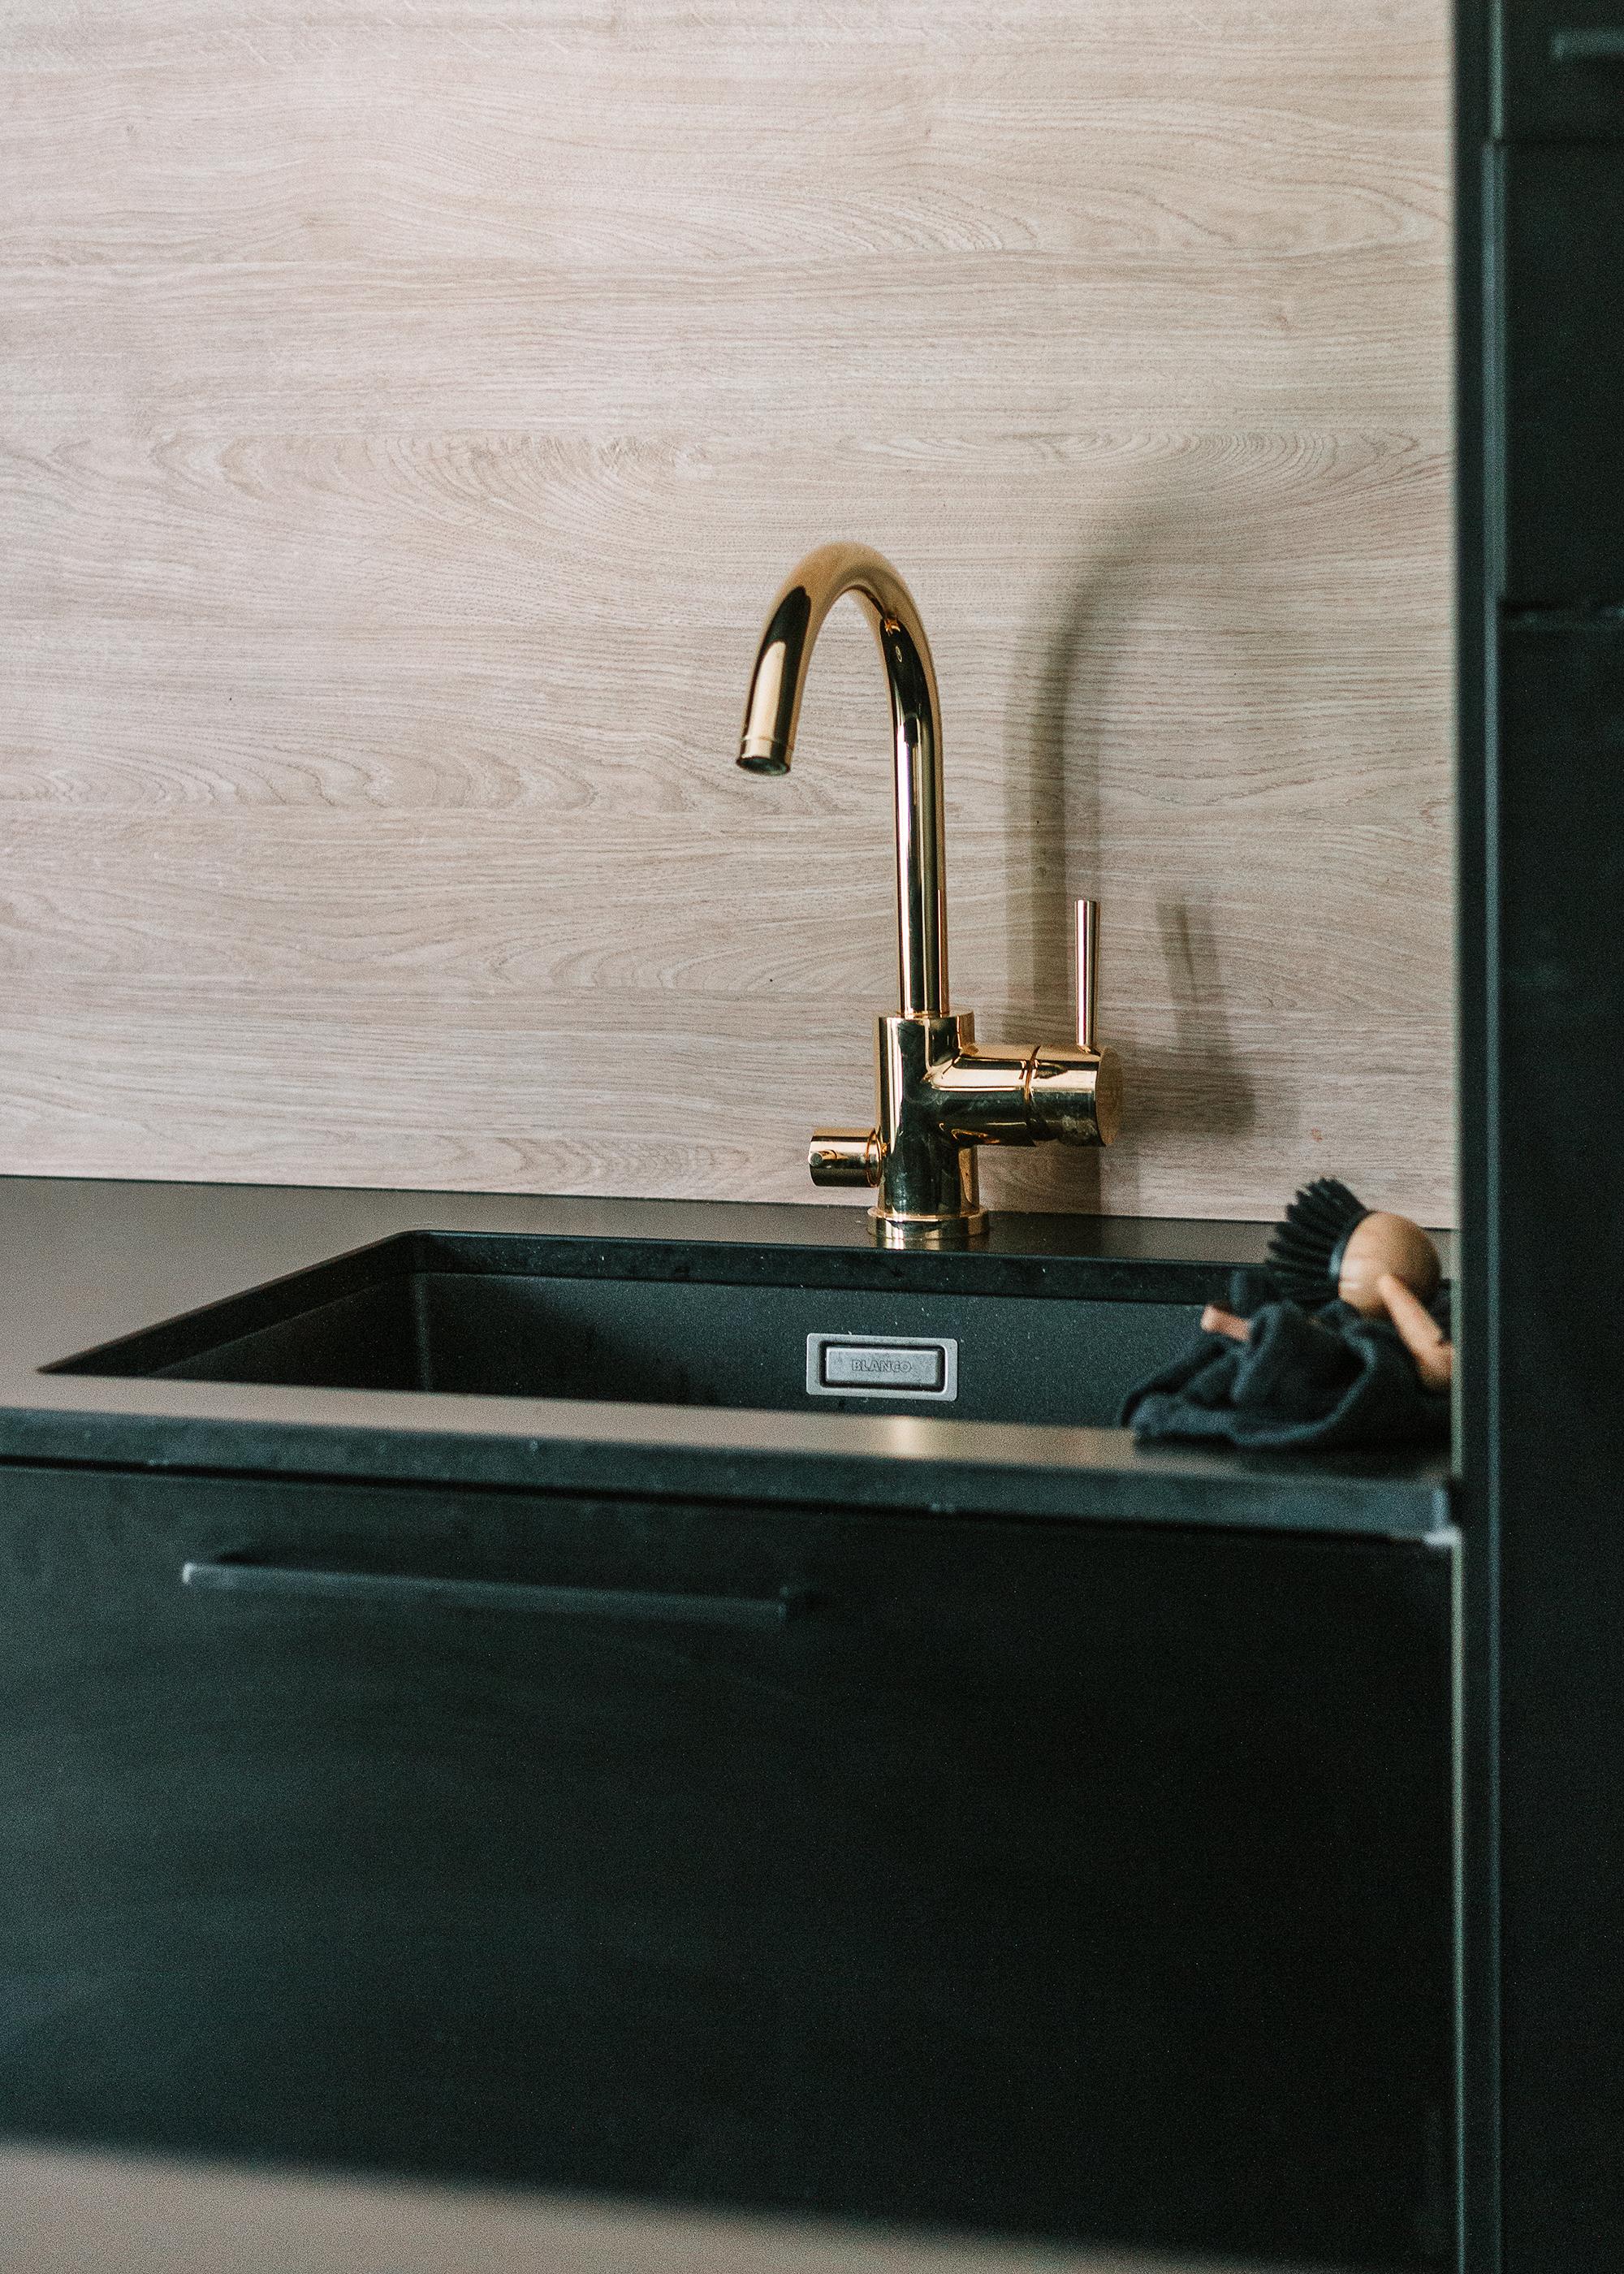 Building Home: Vårt älskade kök | Skandinaviskt svart kök | Minimalistiskt kök | Naturligt naturnära | Inredning By Sandramaria | Topi-Keittiöt